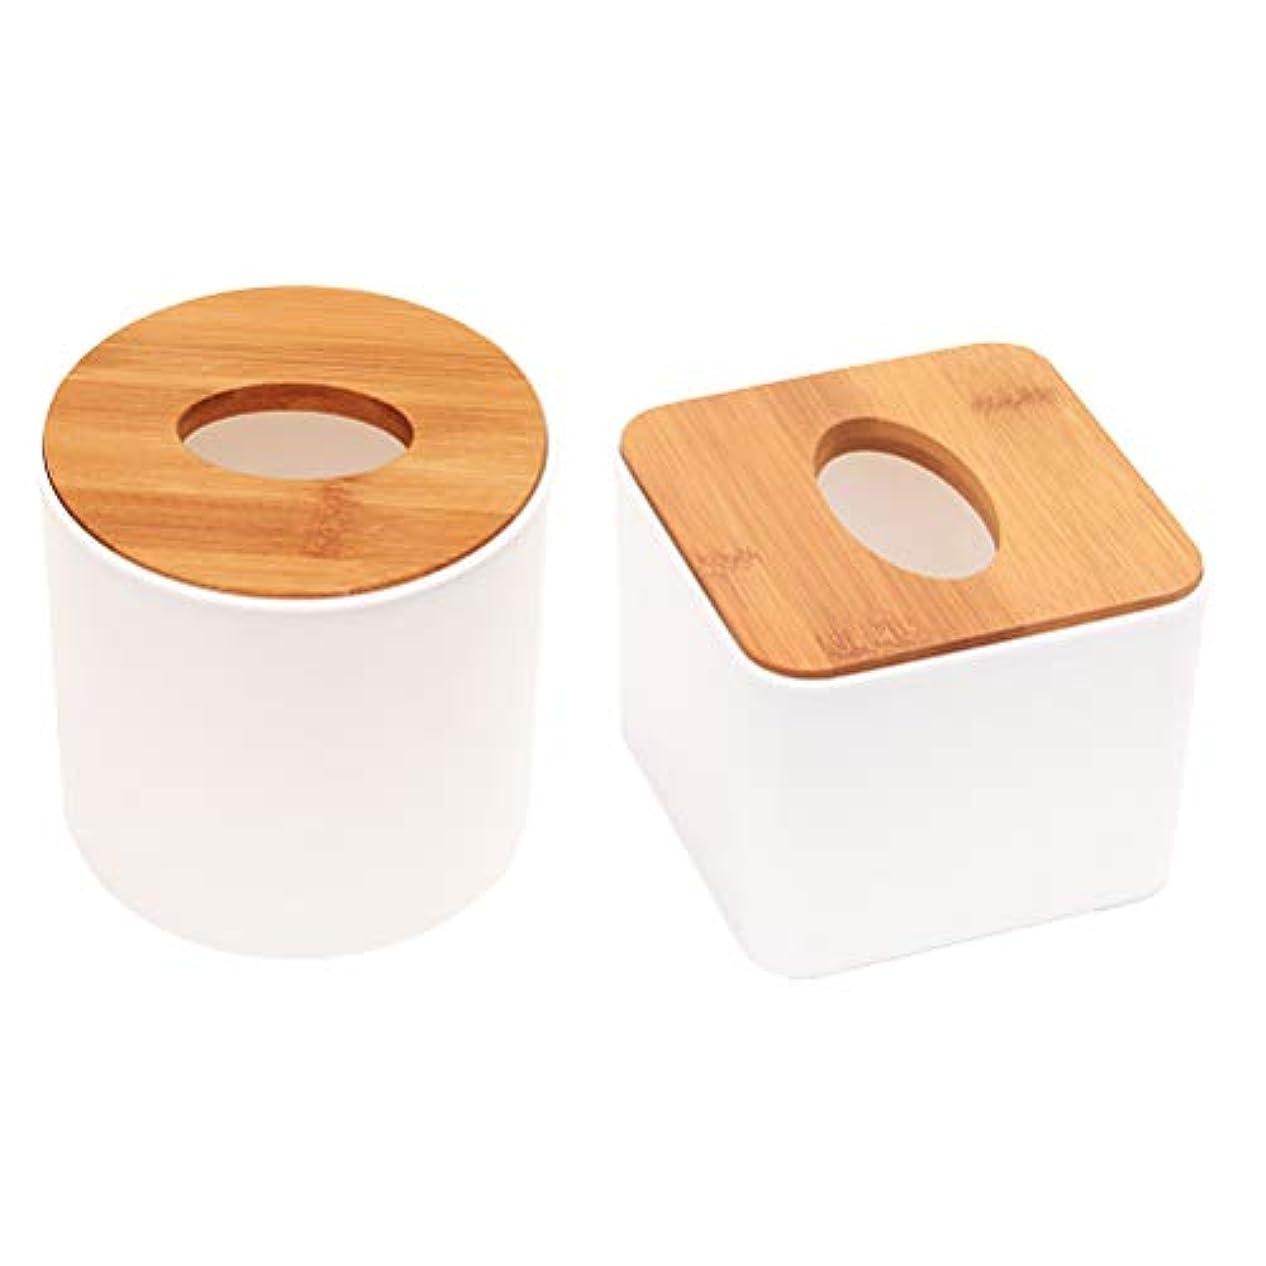 代わりにを立てる押し下げる条件付きTOPBATHY 2ピースティッシュボックスカバーラウンドスクエア形状木製ティッシュペーパーカバーホルダー用浴室寝室デスクテーブル車